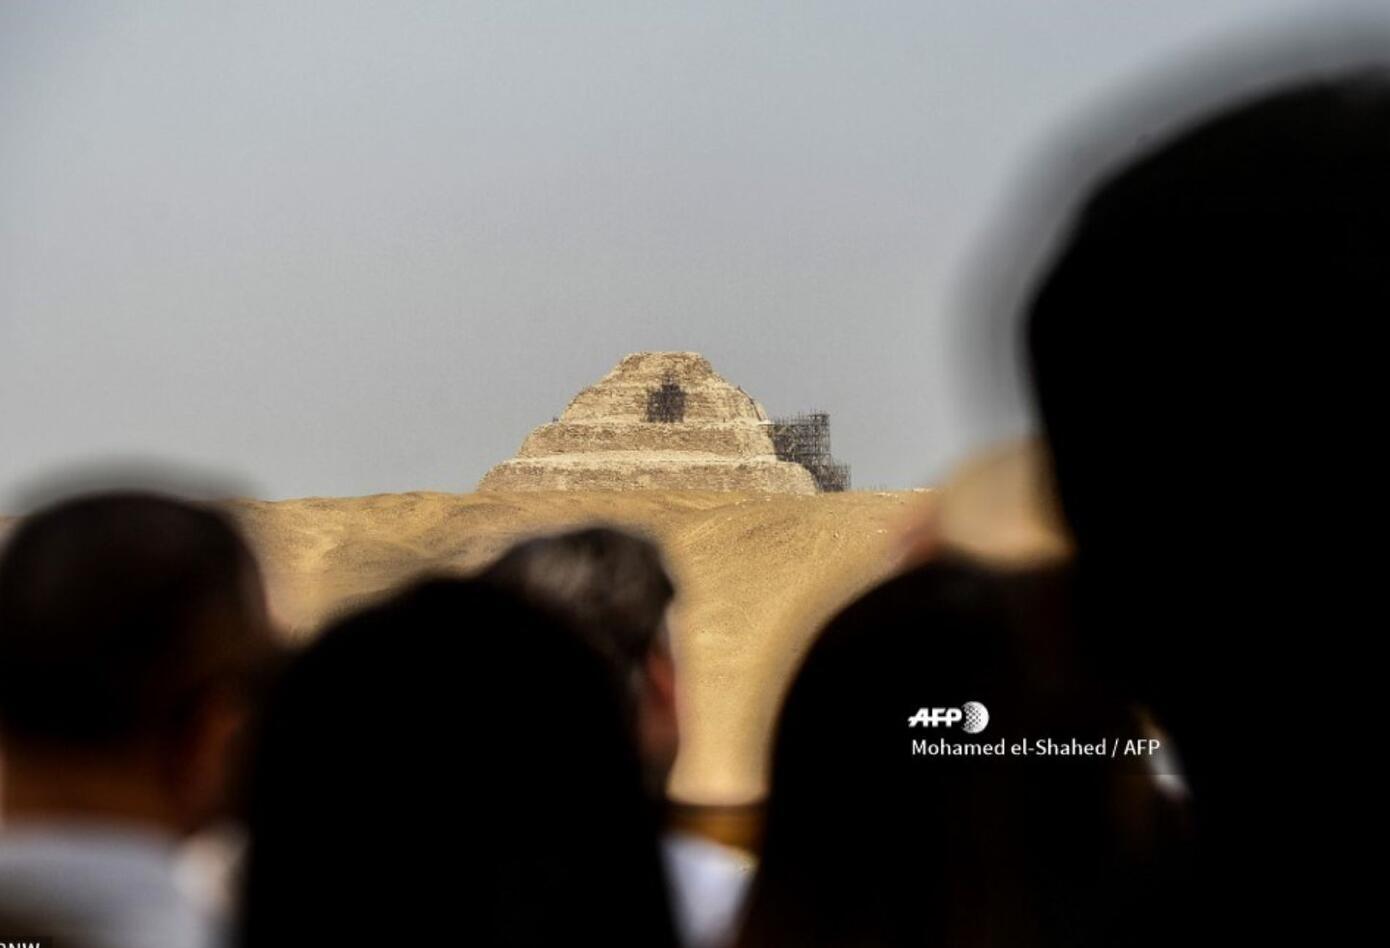 La pirámide del faraón Zoser está ubicada en Saqqara, al sur de El Cairo, y data de 4.700 años de antigüedad.